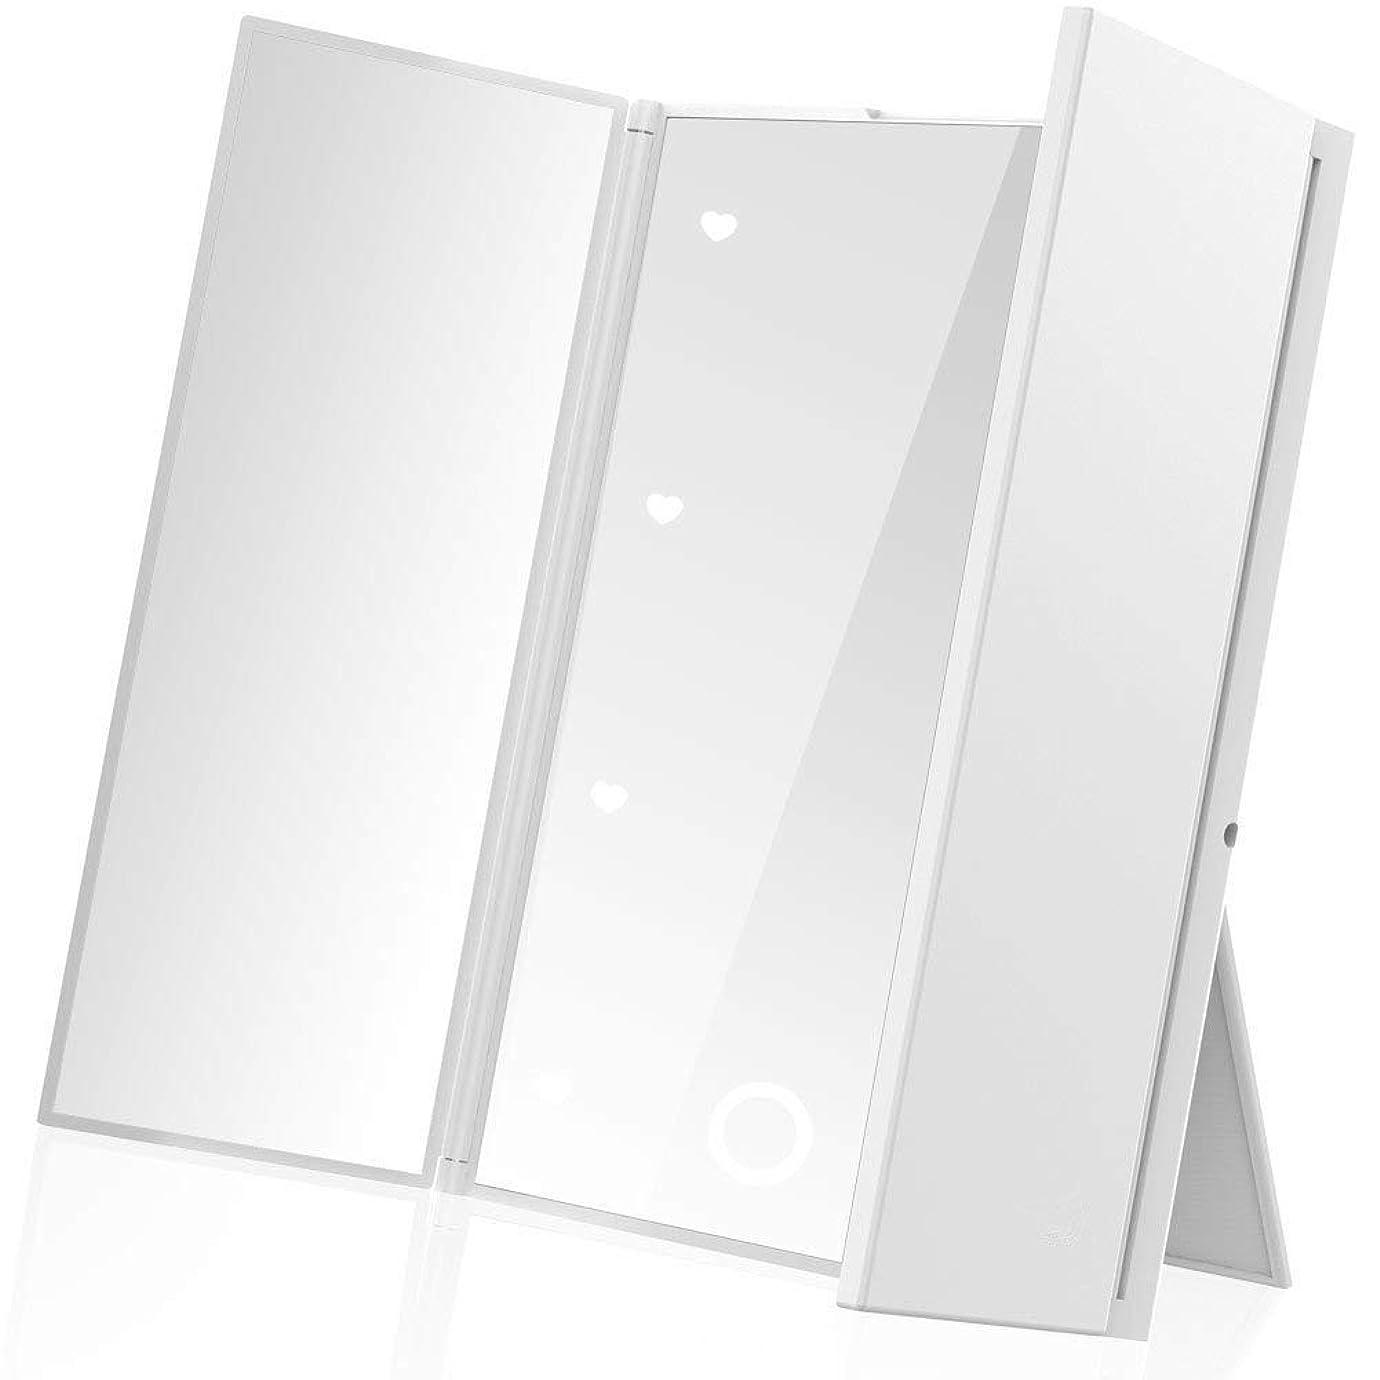 精神医学野望文房具LEEPWEI 鏡 卓上 スタンドミラー 三面鏡 化粧鏡 メイクミラー折りたたみ式 コンパックトLEDライト付き 電池型 持ち運び便利 (ホワイト)